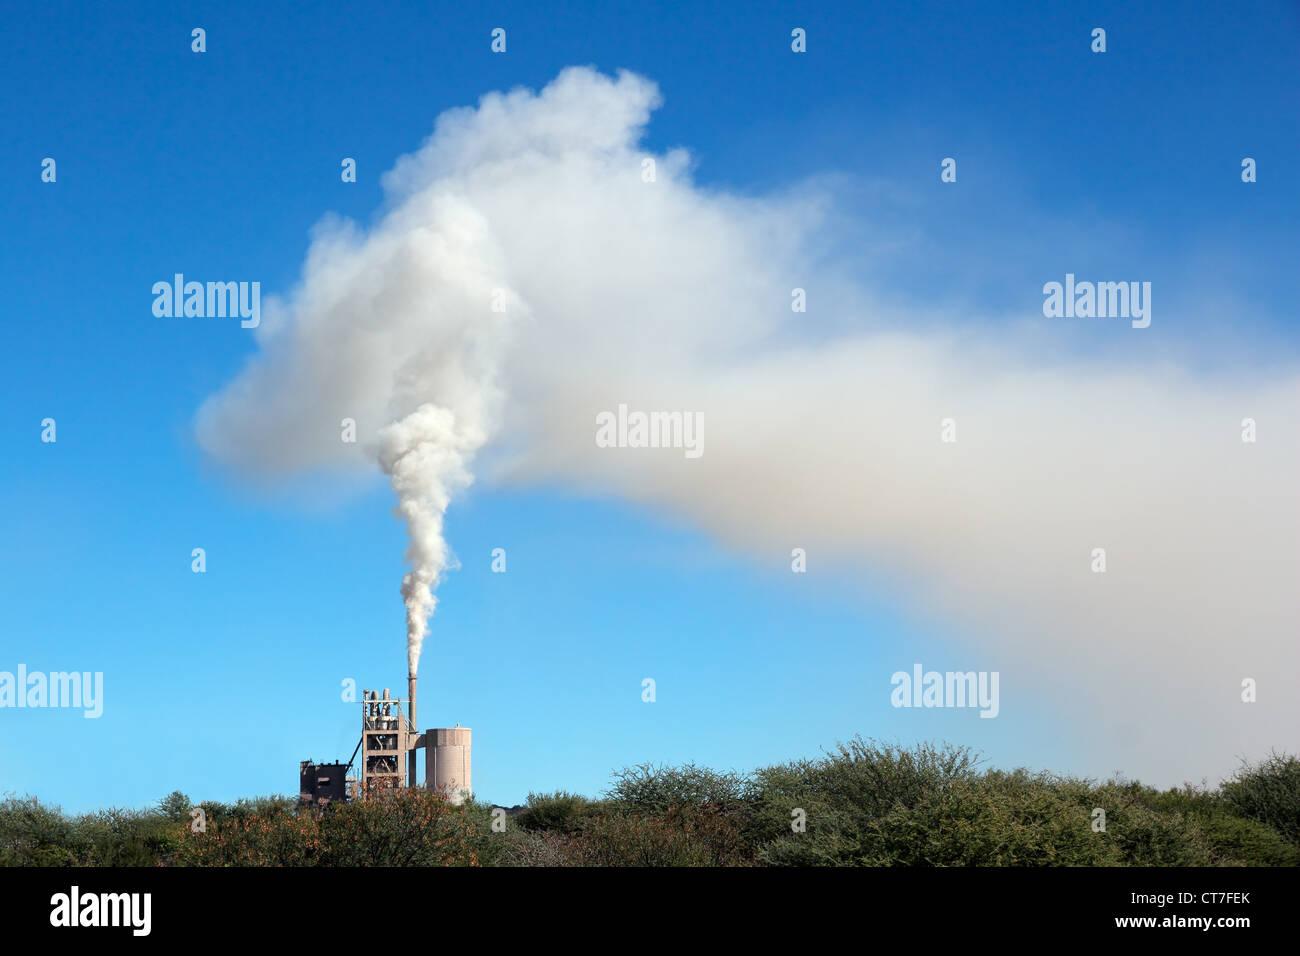 Rauch aus einer Industrieanlage treiben im Wind vor blauem Himmel Stockbild